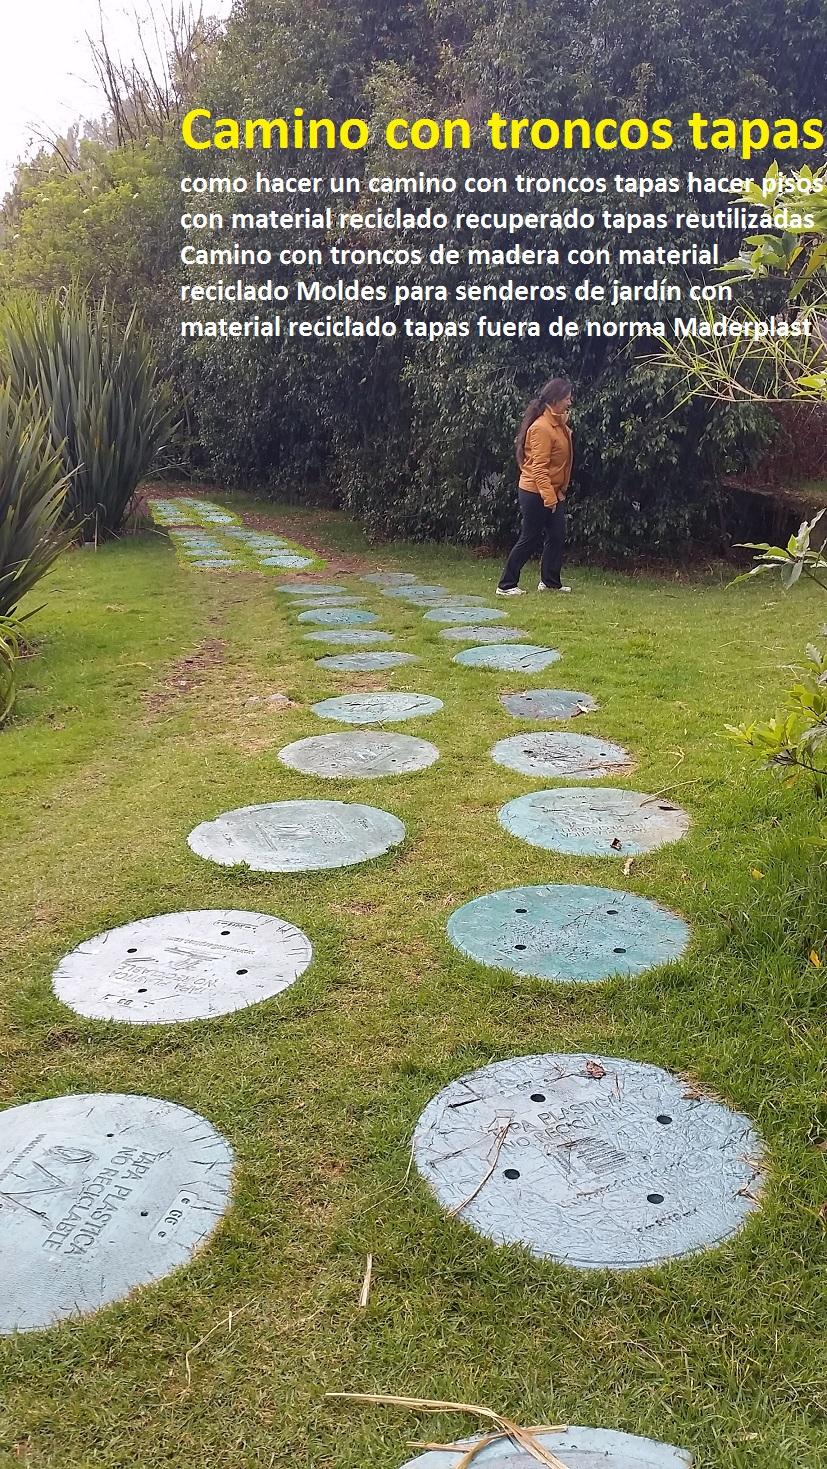 23 puentes caminos sederos veredas malecones sendas - Material para jardin ...